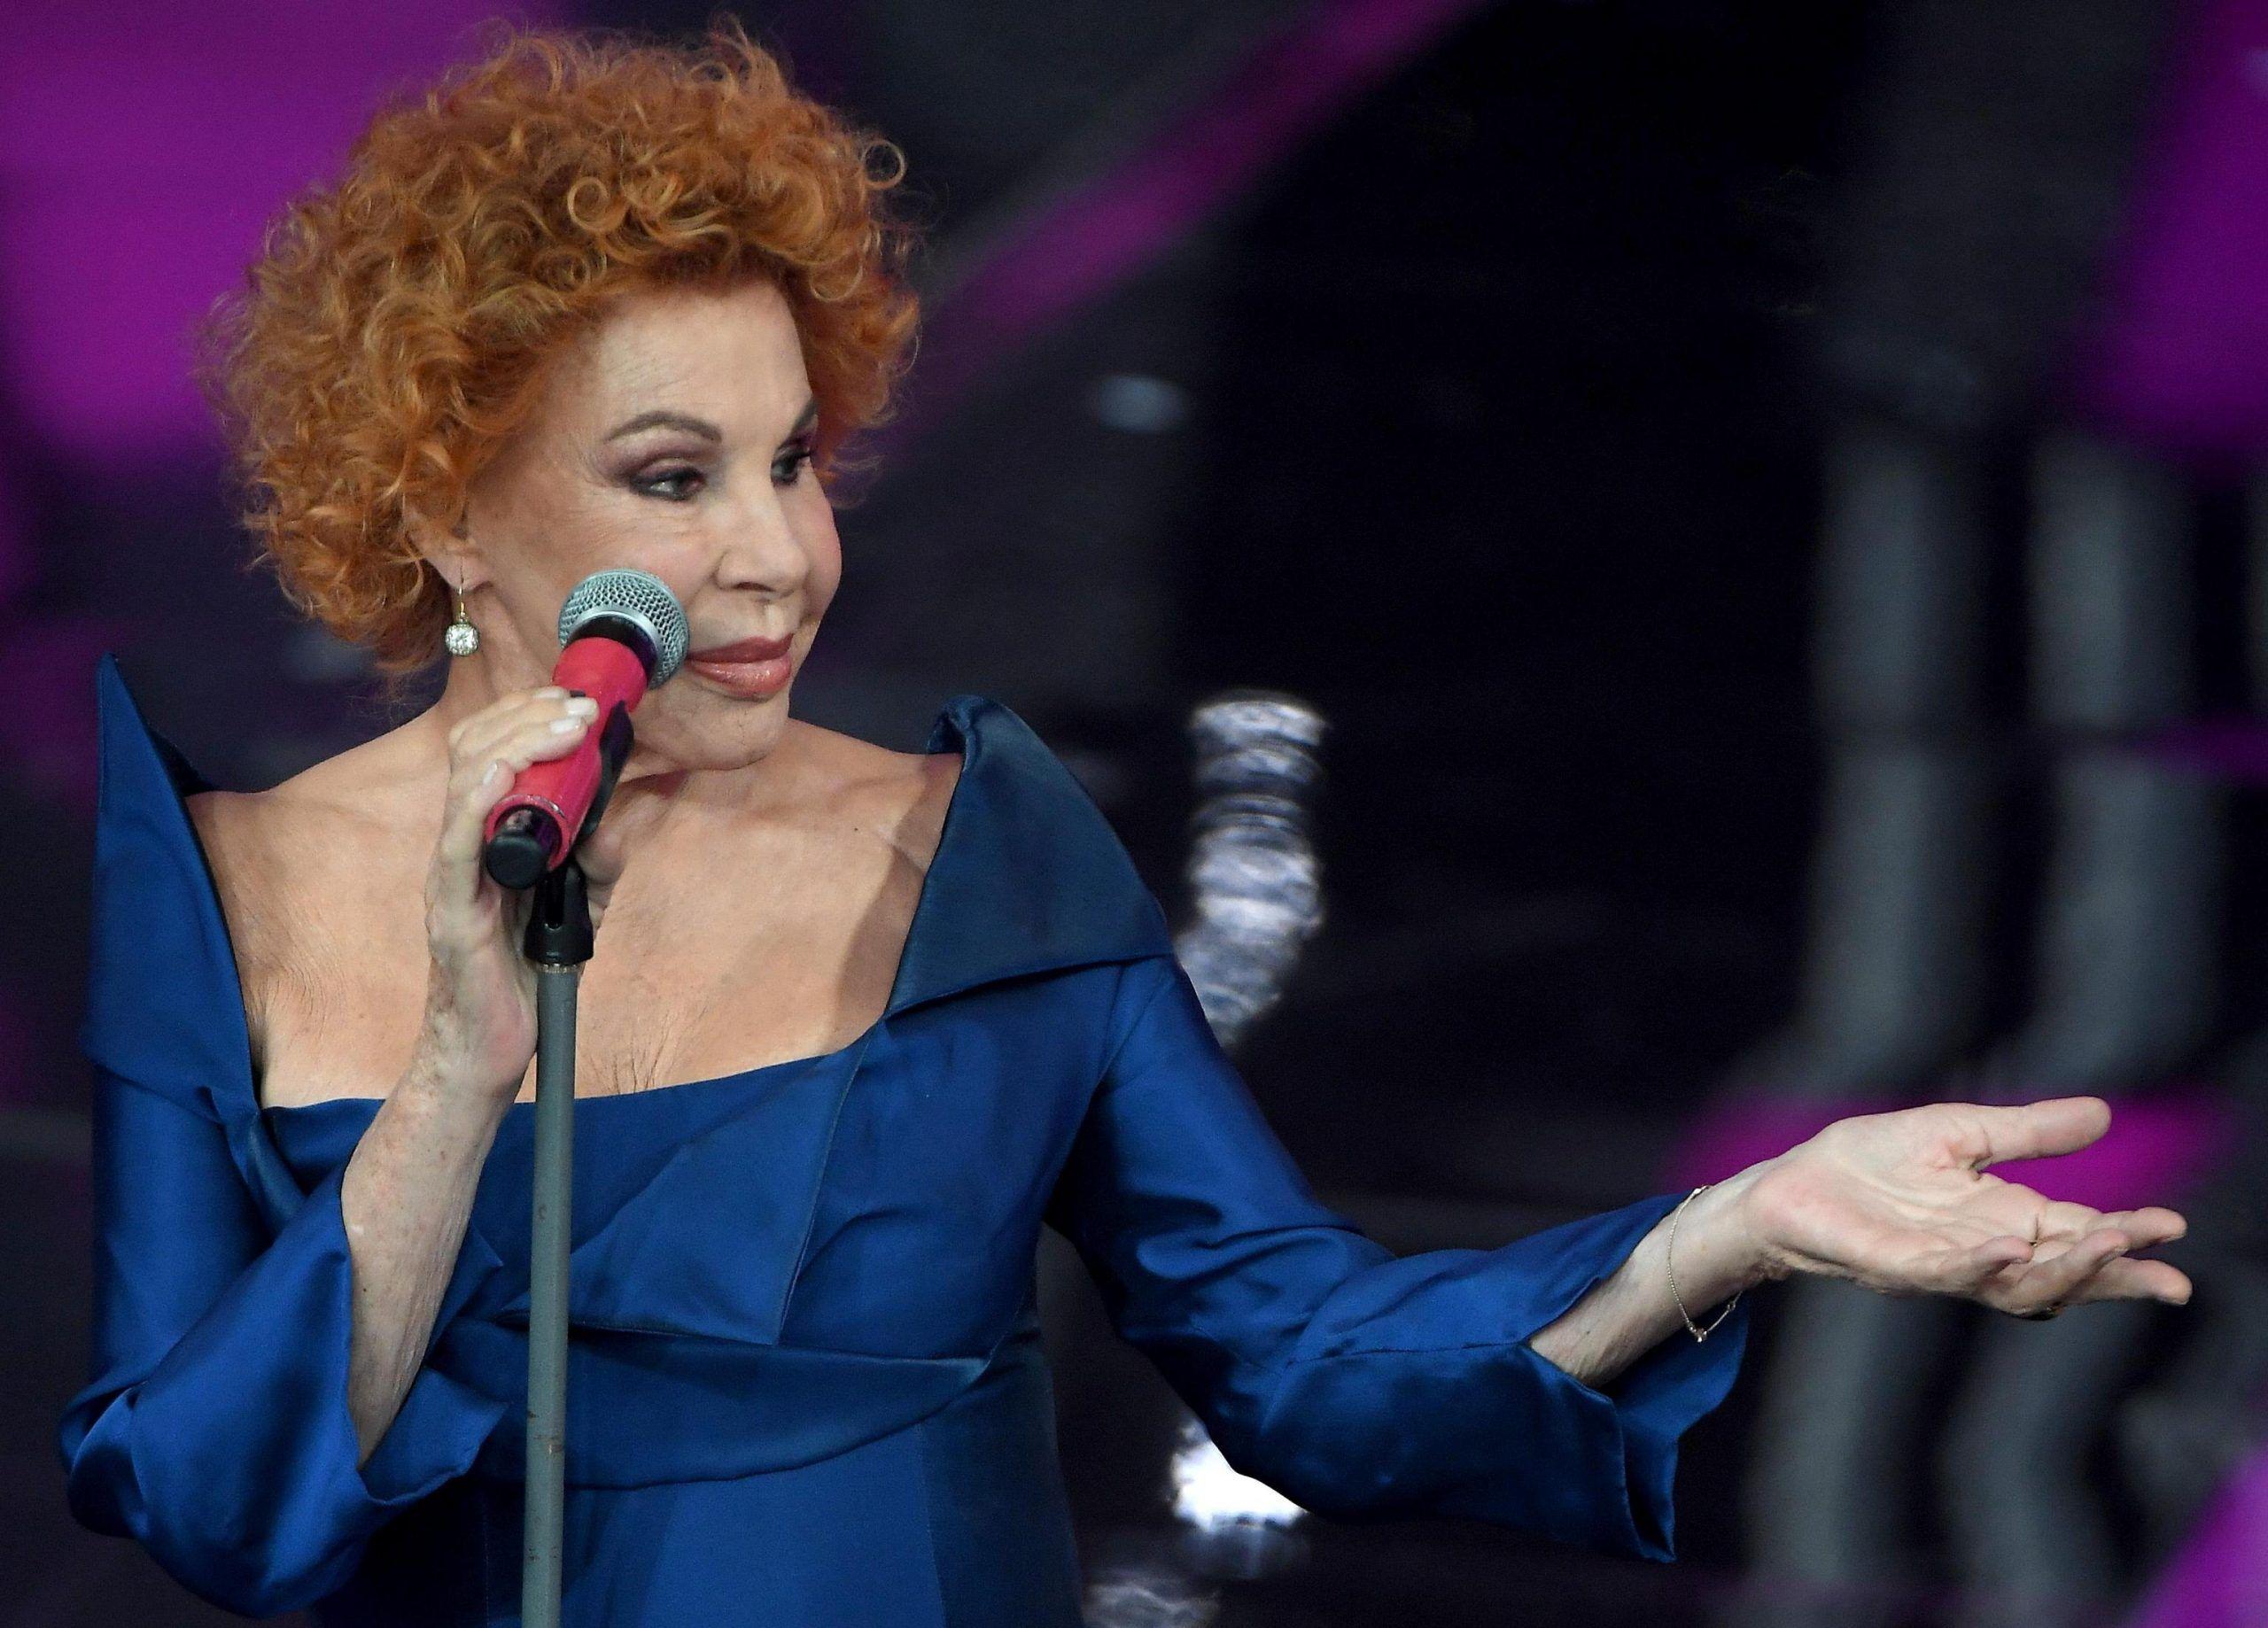 Shalpy contro Ornella Vanoni dopo Ora o mai più: 'Sei una vecchia mummia, ritirati'